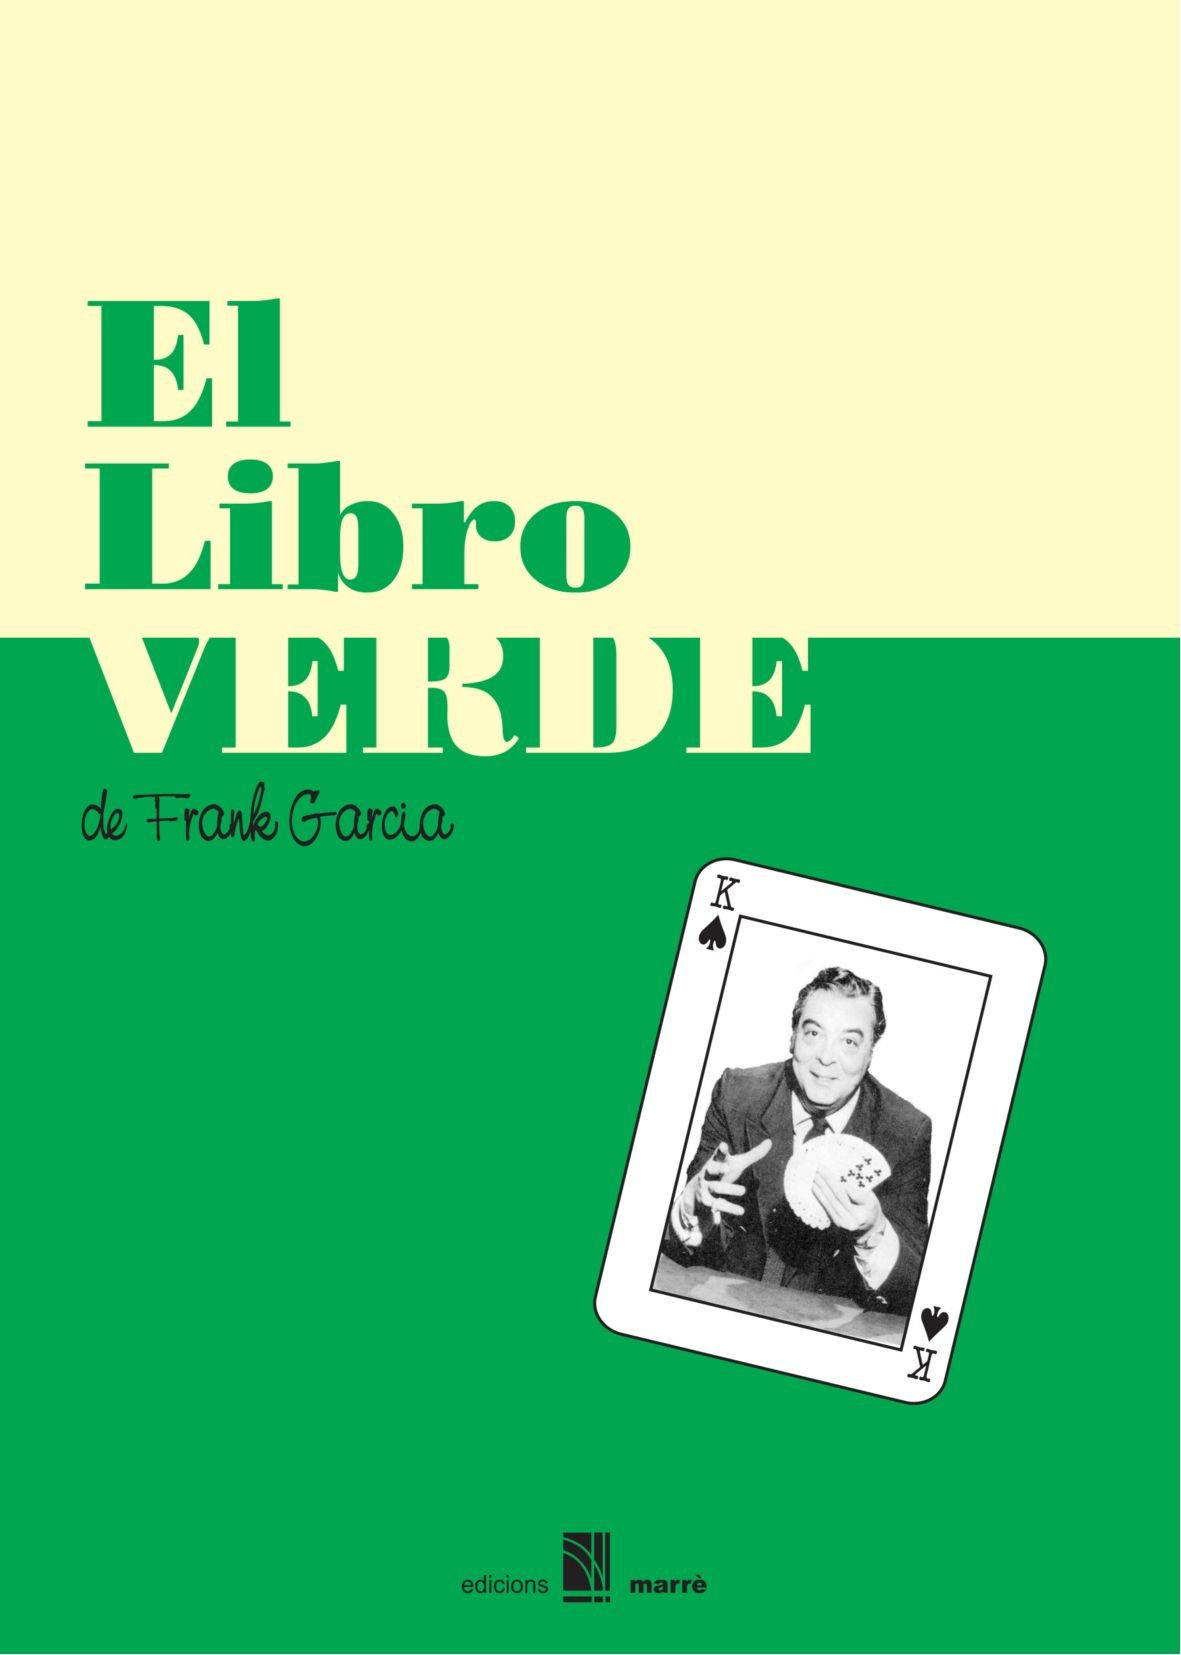 El libro verde (Spanish Edition)